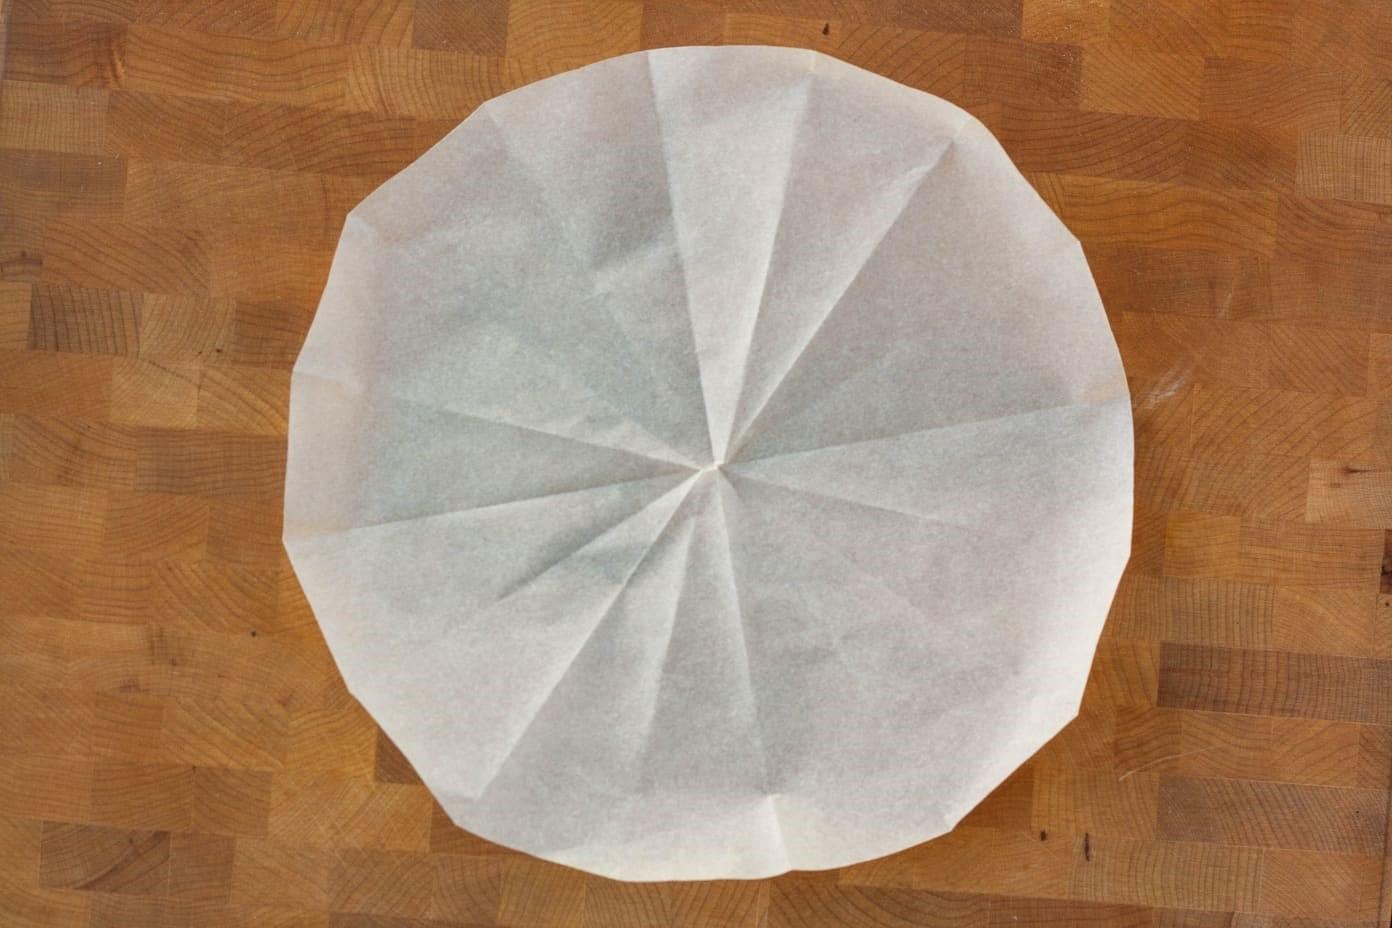 كيفية استخدام ورق الزبدة للكيك- افردي ورق الزبدة